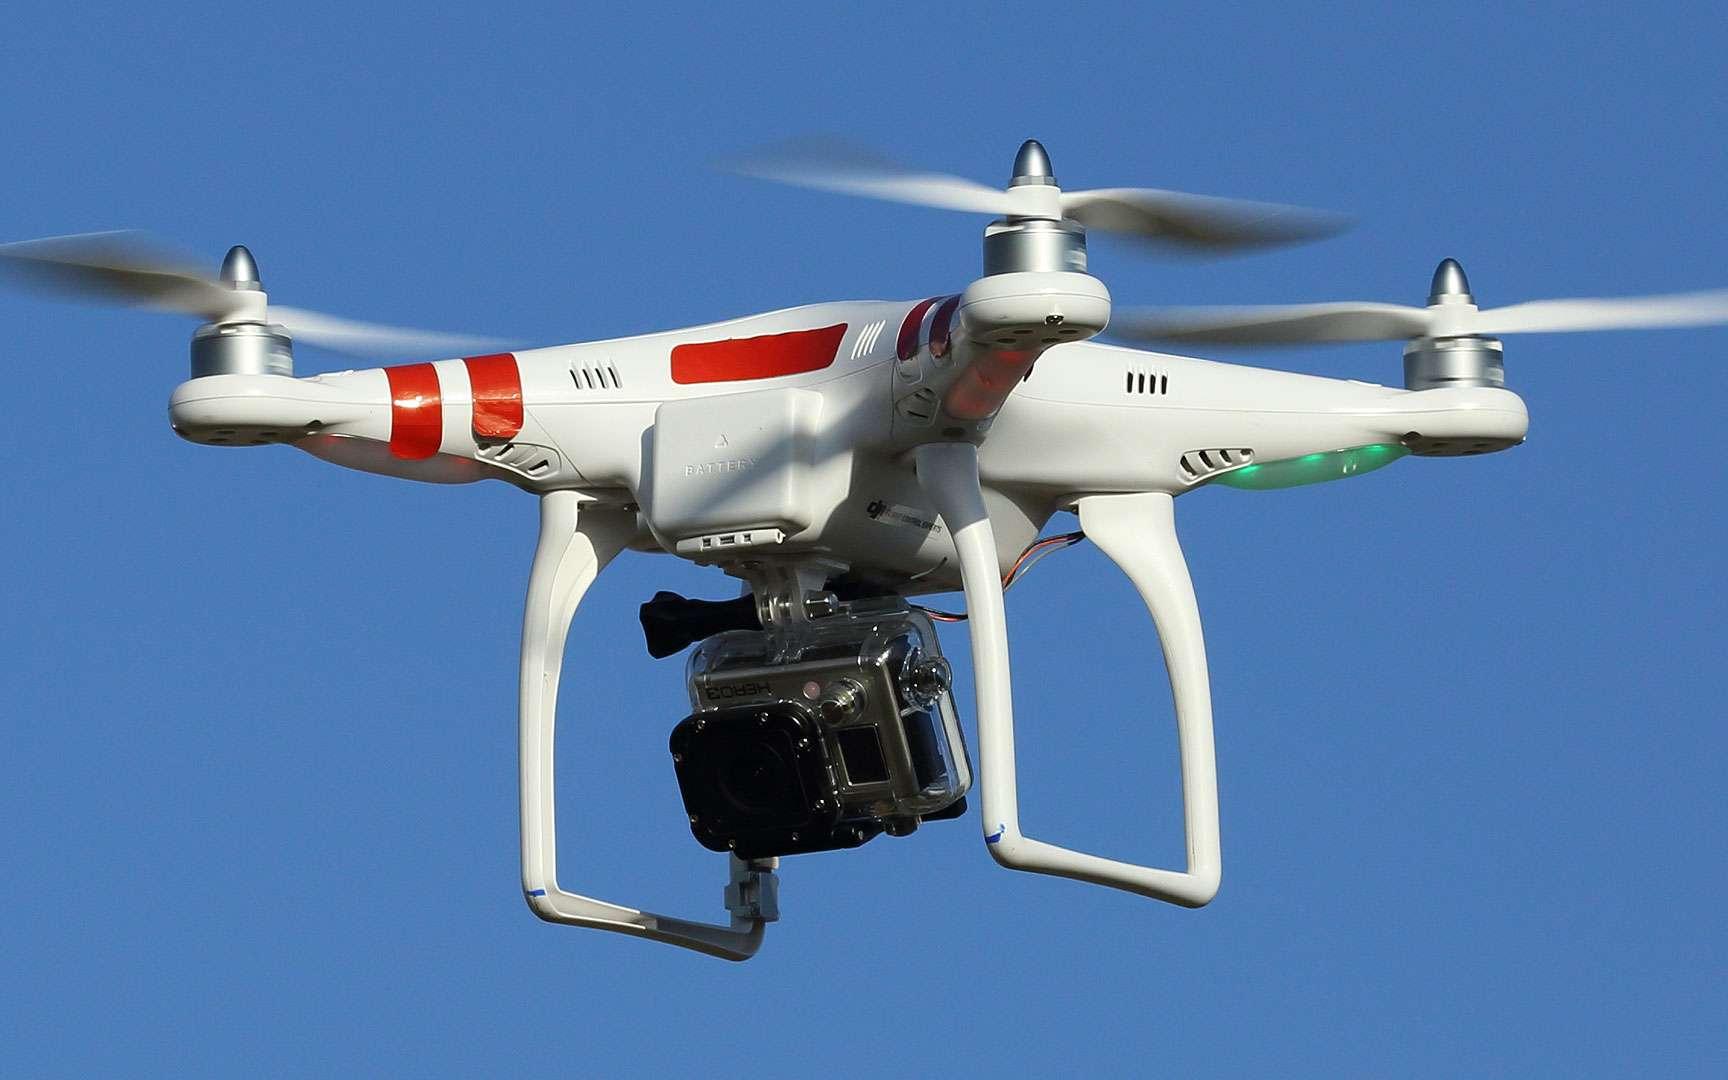 Un drone pour débutant, le DJI Phantom. Le drone DJI Phantom est un drone d'agrément sous lequel il est possible d'adapter une mini-caméra. Il pèse 880 grammes, mesure 17 centimètres de haut et 39 x 39 cm de côté. Il se dirige à l'aide d'une télécommande chargée de quatre piles AA et est équipé de LED colorées vertes et rouges indiquant la direction de vol. La distance maximale qui permet de garder le contact est d'environ 1.000 mètres. Sa vitesse en vol horizontal est de 10 mètres par seconde (m/s) et en vertical de 6 m/s. Il est équipé d'un système de Contrôle intelligent d'orientation (CIO) et d'un GPS. Son temps de vol maximum varie entre 10 et 15 minutes. Lorsque la communication entre le contrôle principal et l'émetteur est coupée, le système GPS ramène automatiquement l'engin à son pilote et le pose au sol. © Don McCullough, CC by-nc 2.0